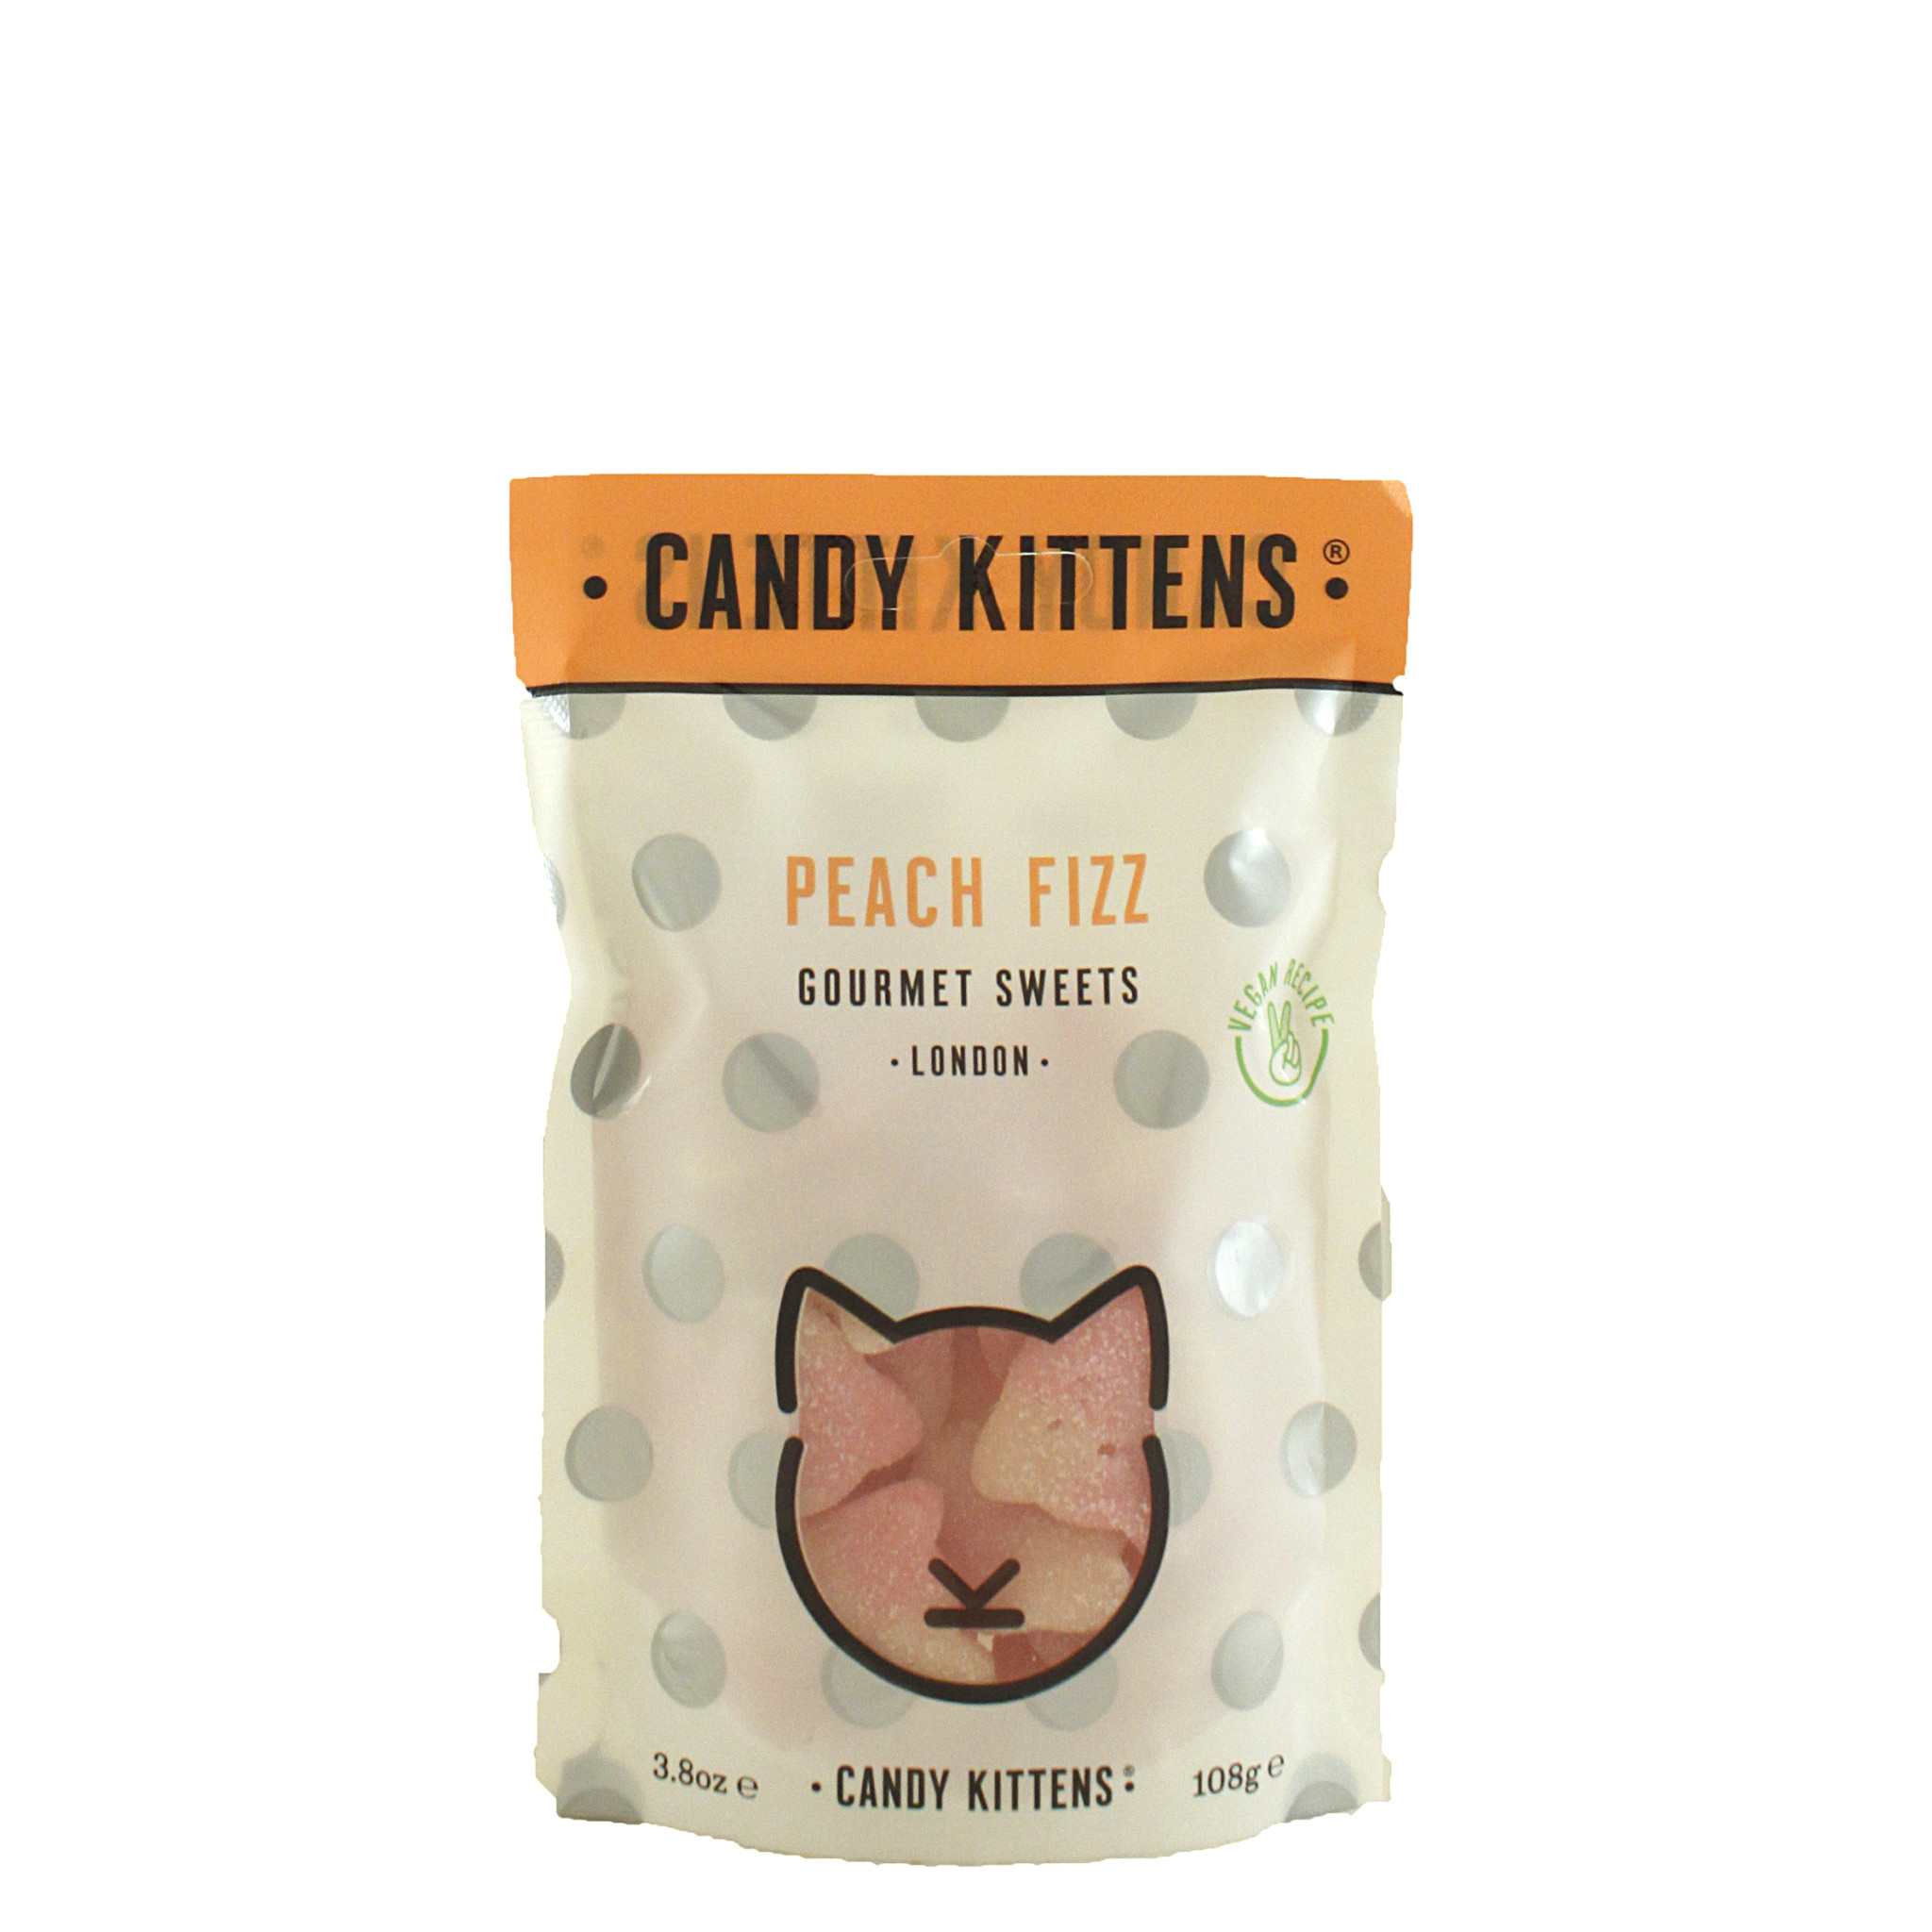 """Candy Kittens """"Peach Fizz"""" Gourmet Gummies, London"""